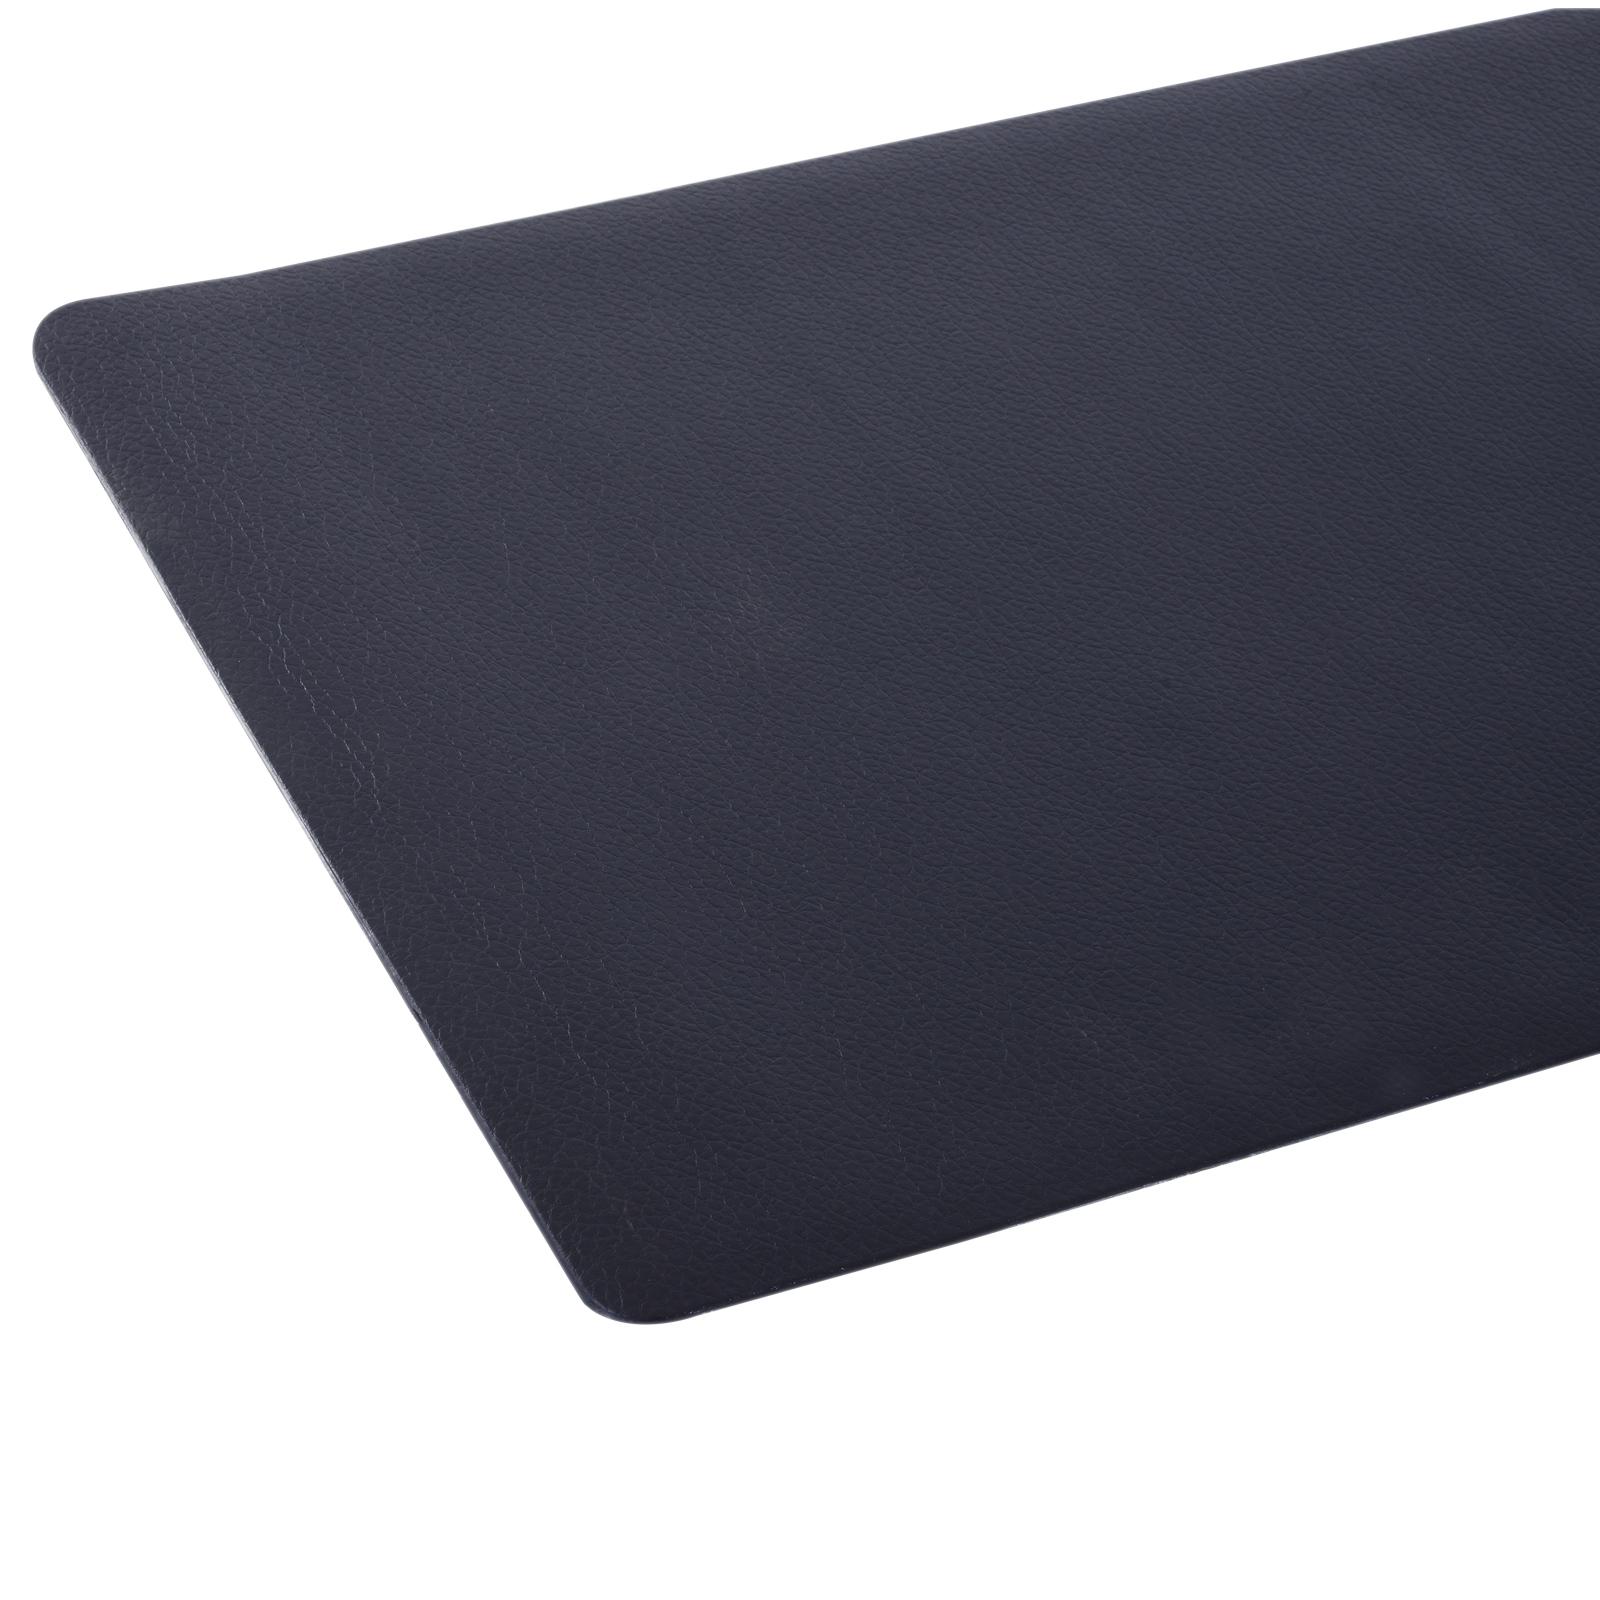 Esterilla-para-Aparato-de-Entrenamiento-Alfombra-de-Fitness-Protectora-Suelo-4mm miniatura 9